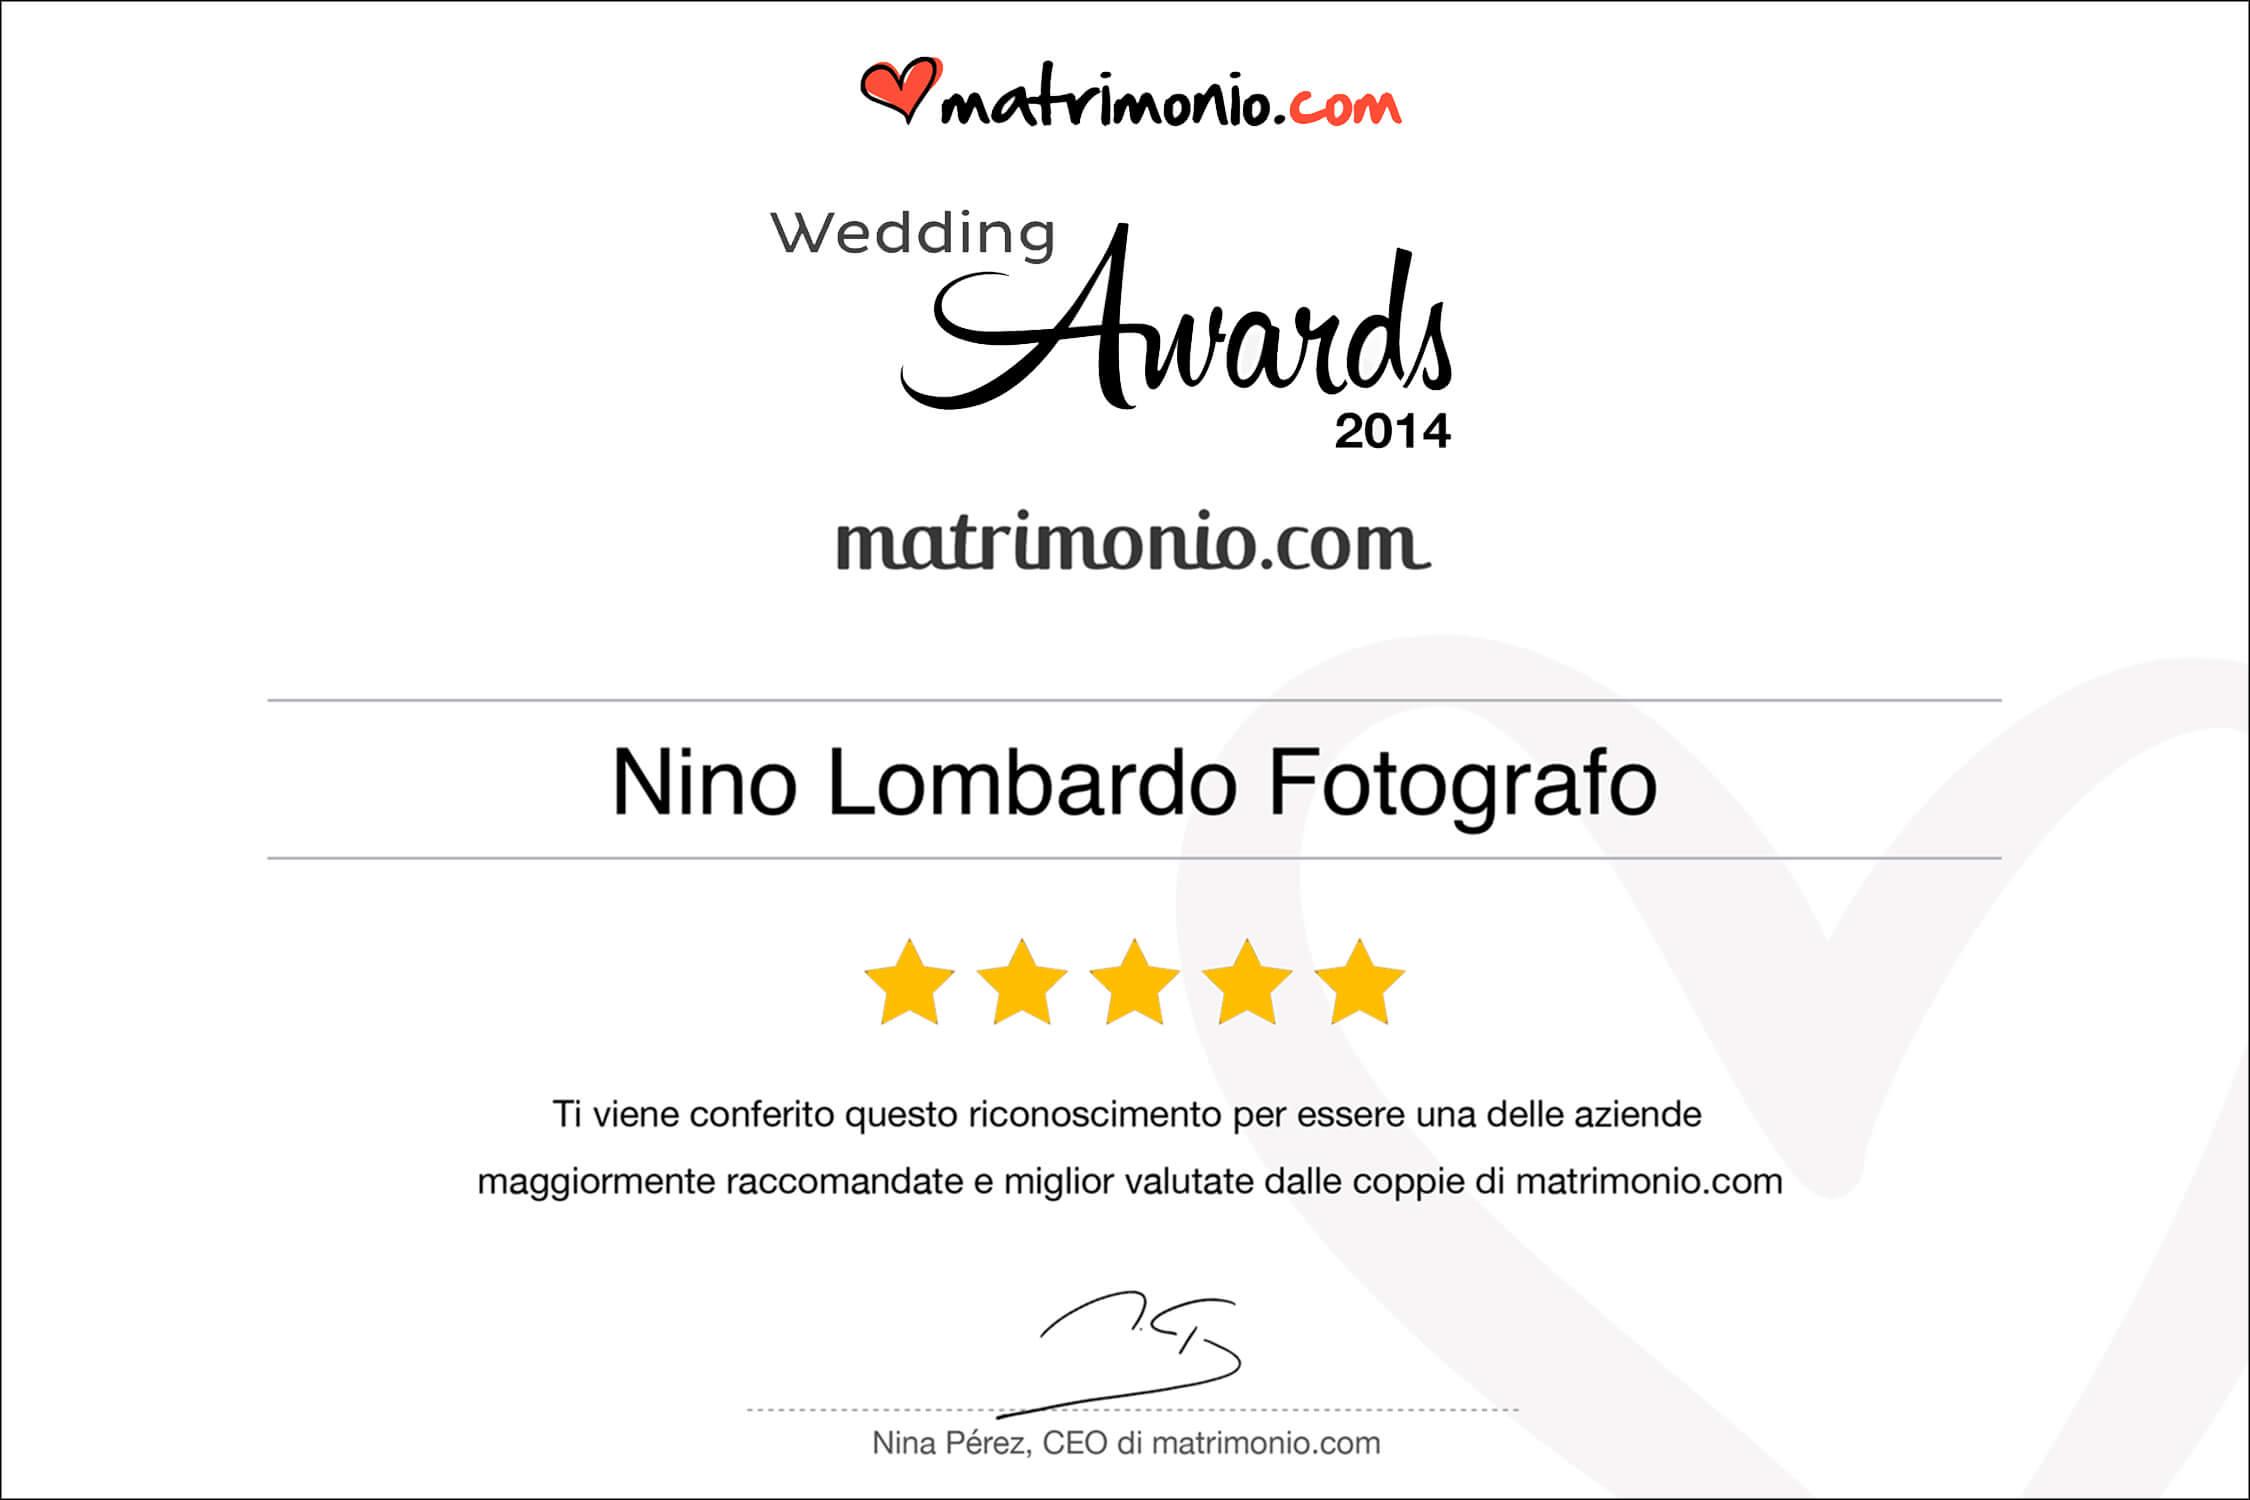 Raccomandzioni Eccellenti Per il Fotografo di Matrimoni a Trapani Palermo e Agrigento Fotografo raccomandato sposi matrimonio.com